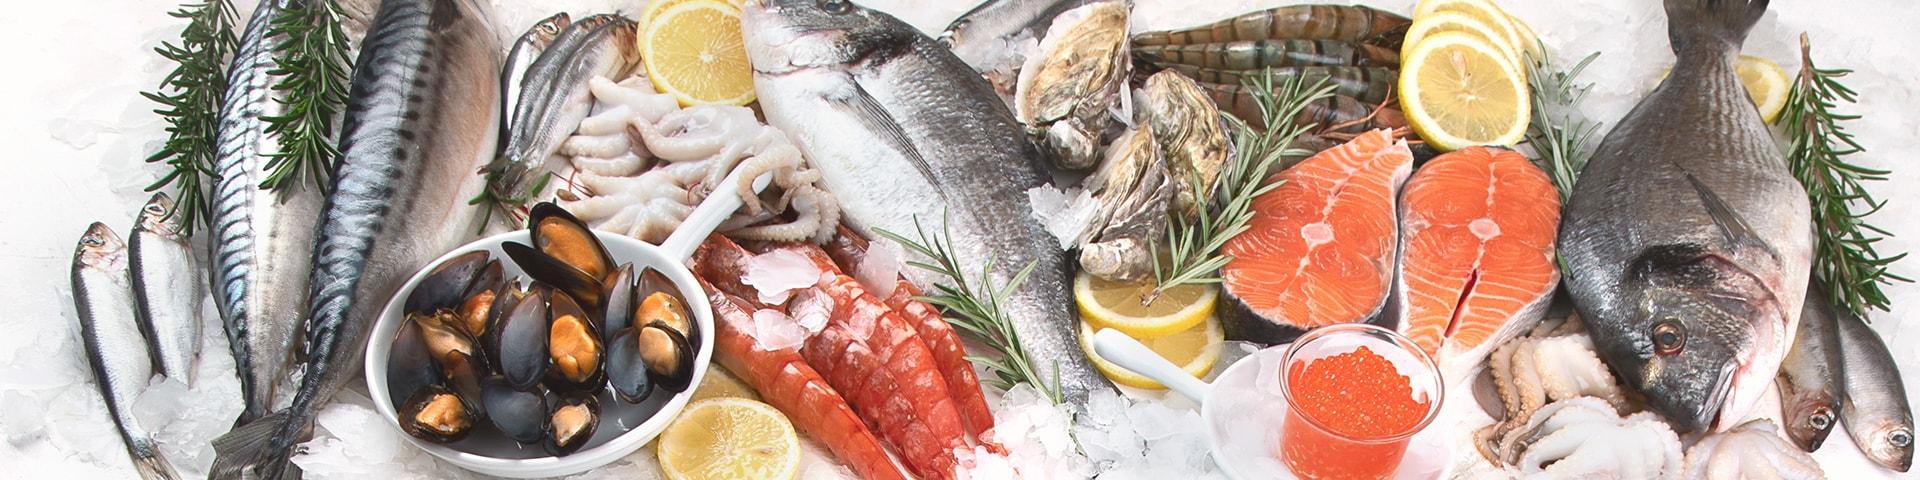 Fisk, skaldjur, rom och musslor